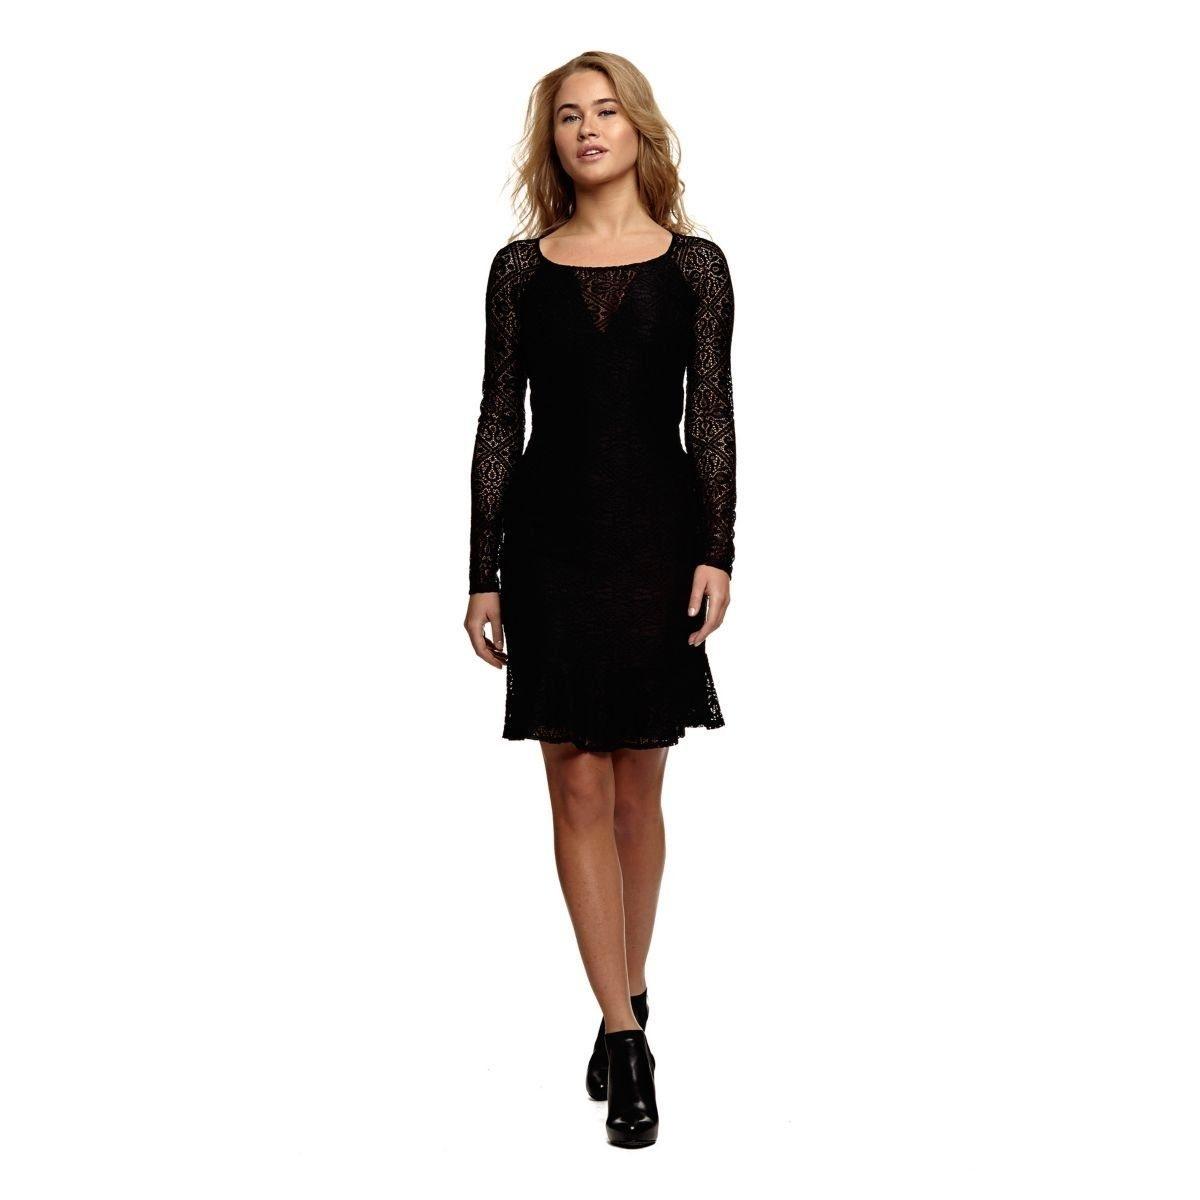 17 Genial Kleid Schwarz Damen Ärmel17 Erstaunlich Kleid Schwarz Damen Spezialgebiet